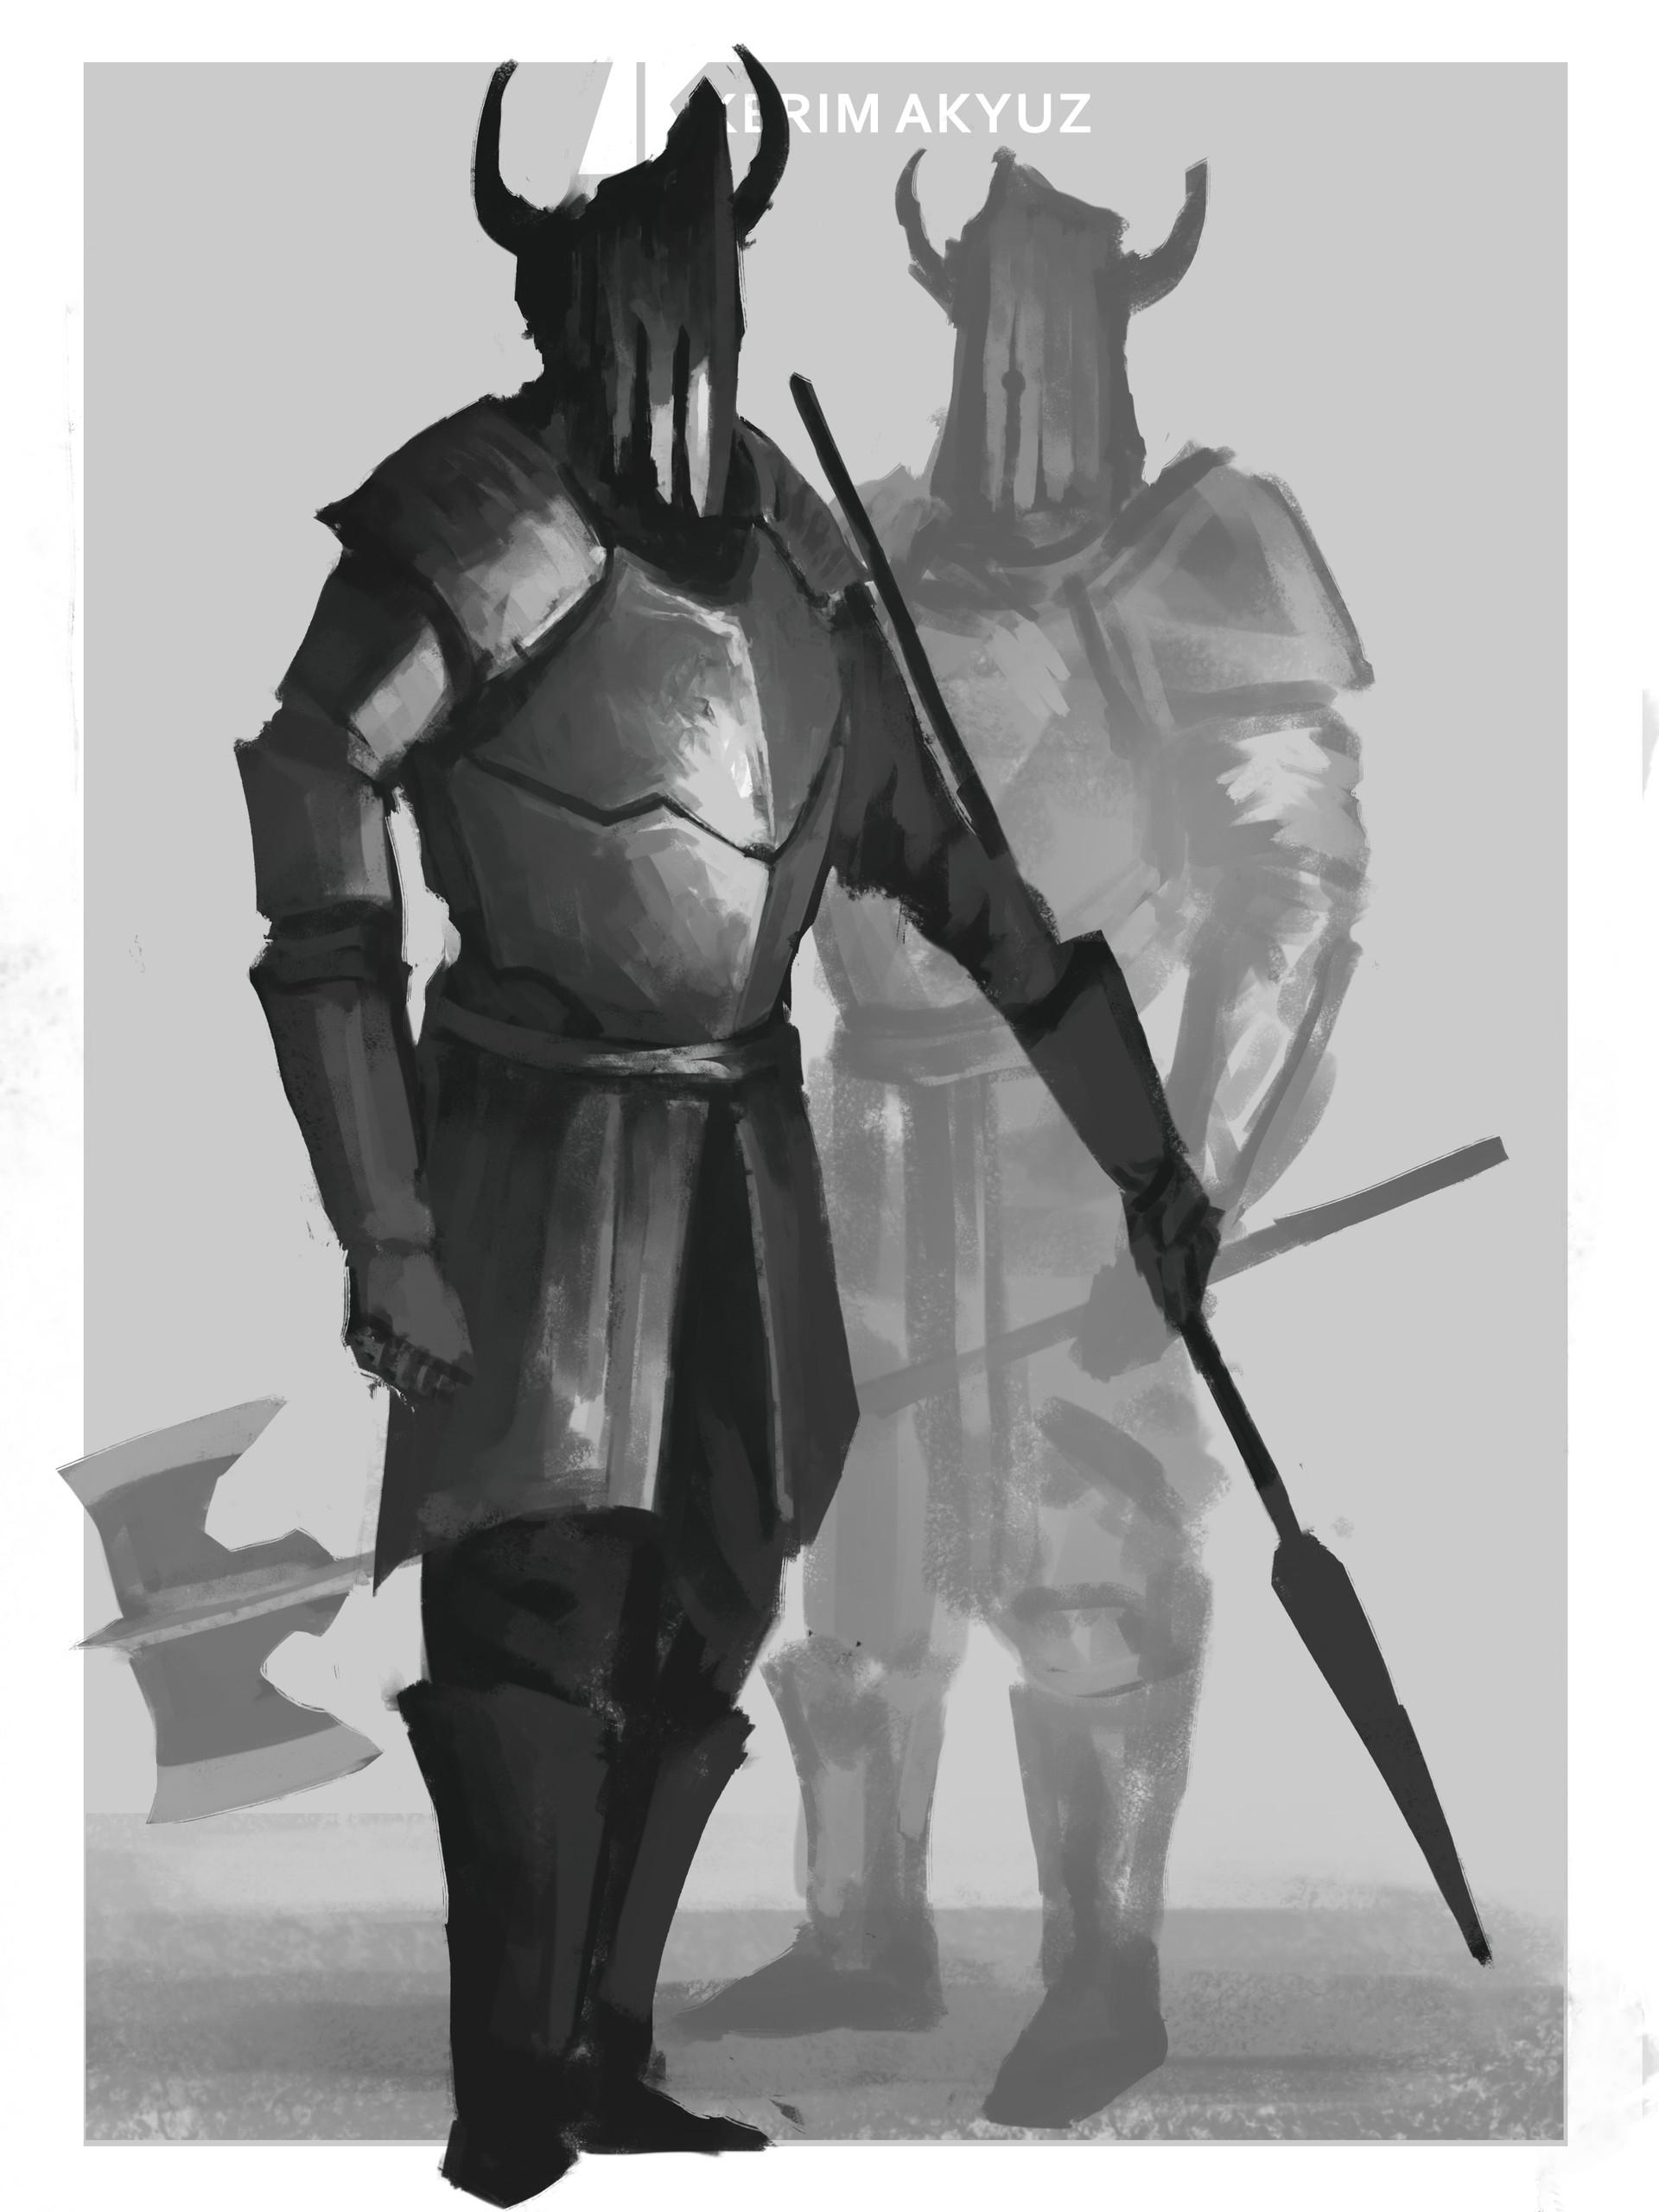 Kerim akyuz 136 ironbrothers